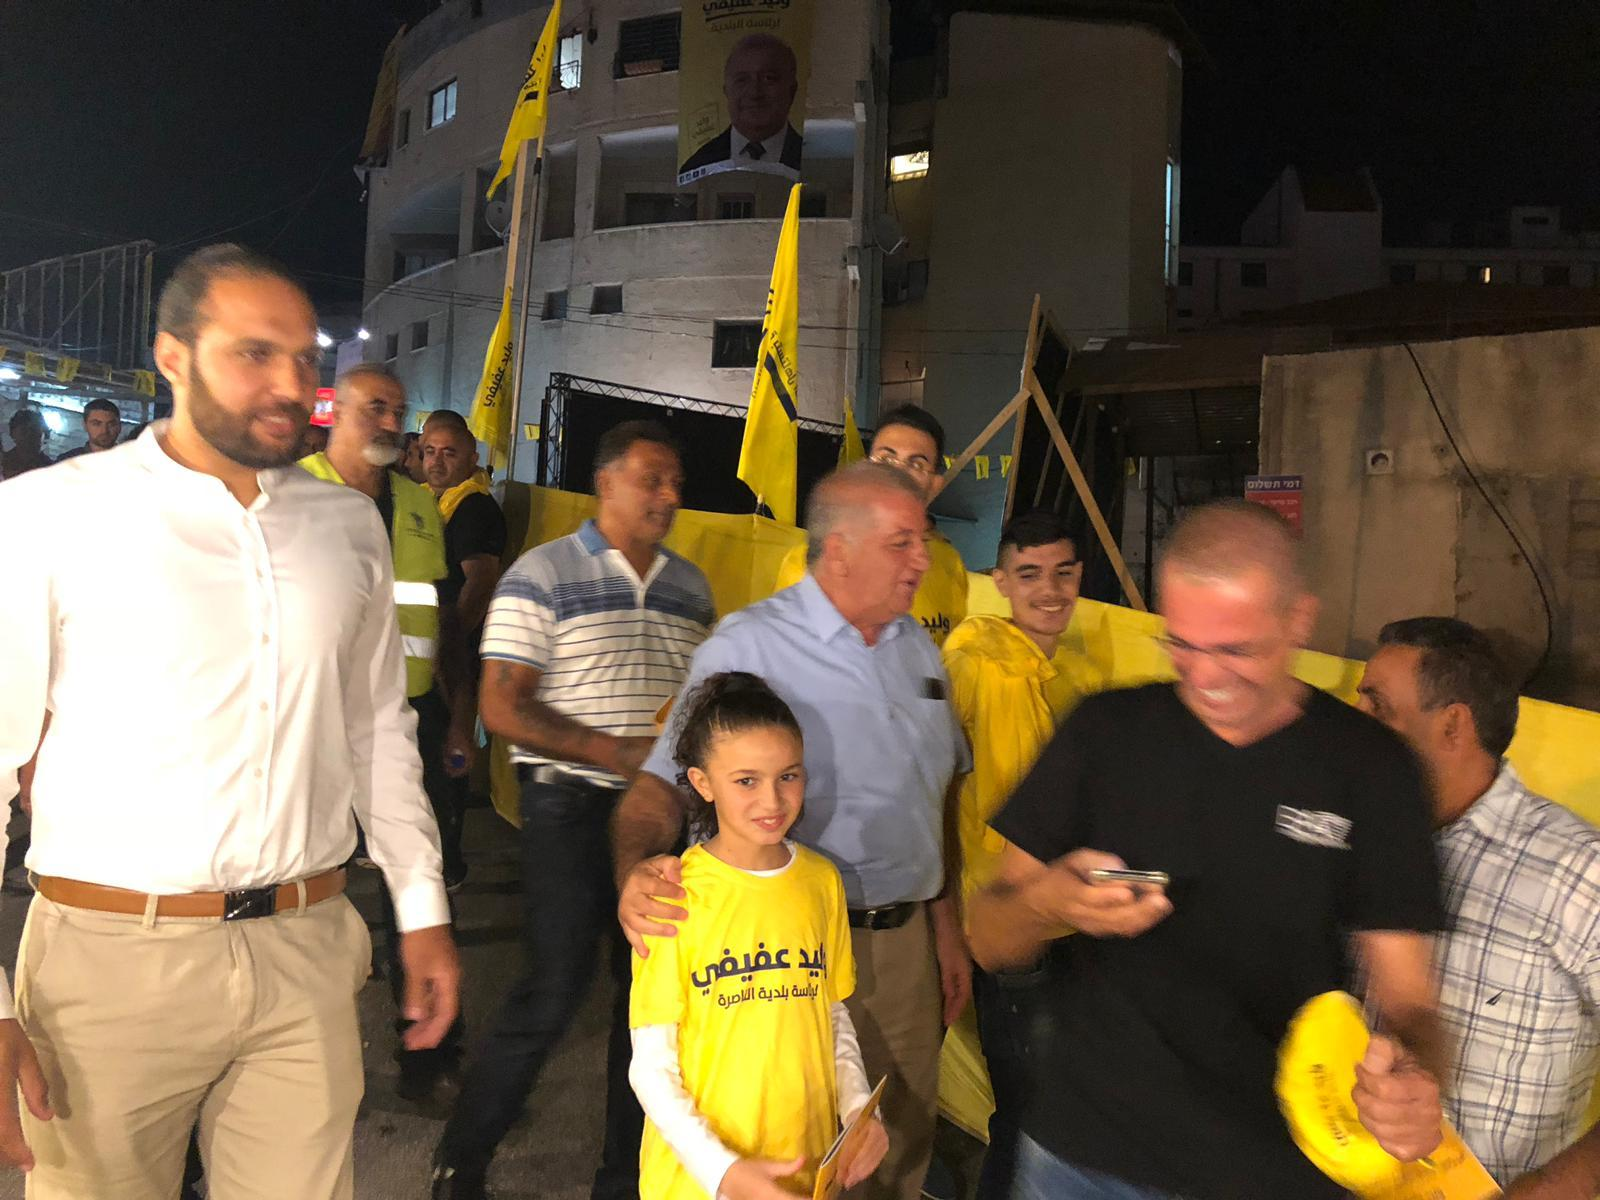 الناصرة: وليد عفيفي يطلق حملته الانتخابية لرئاسة البلدية